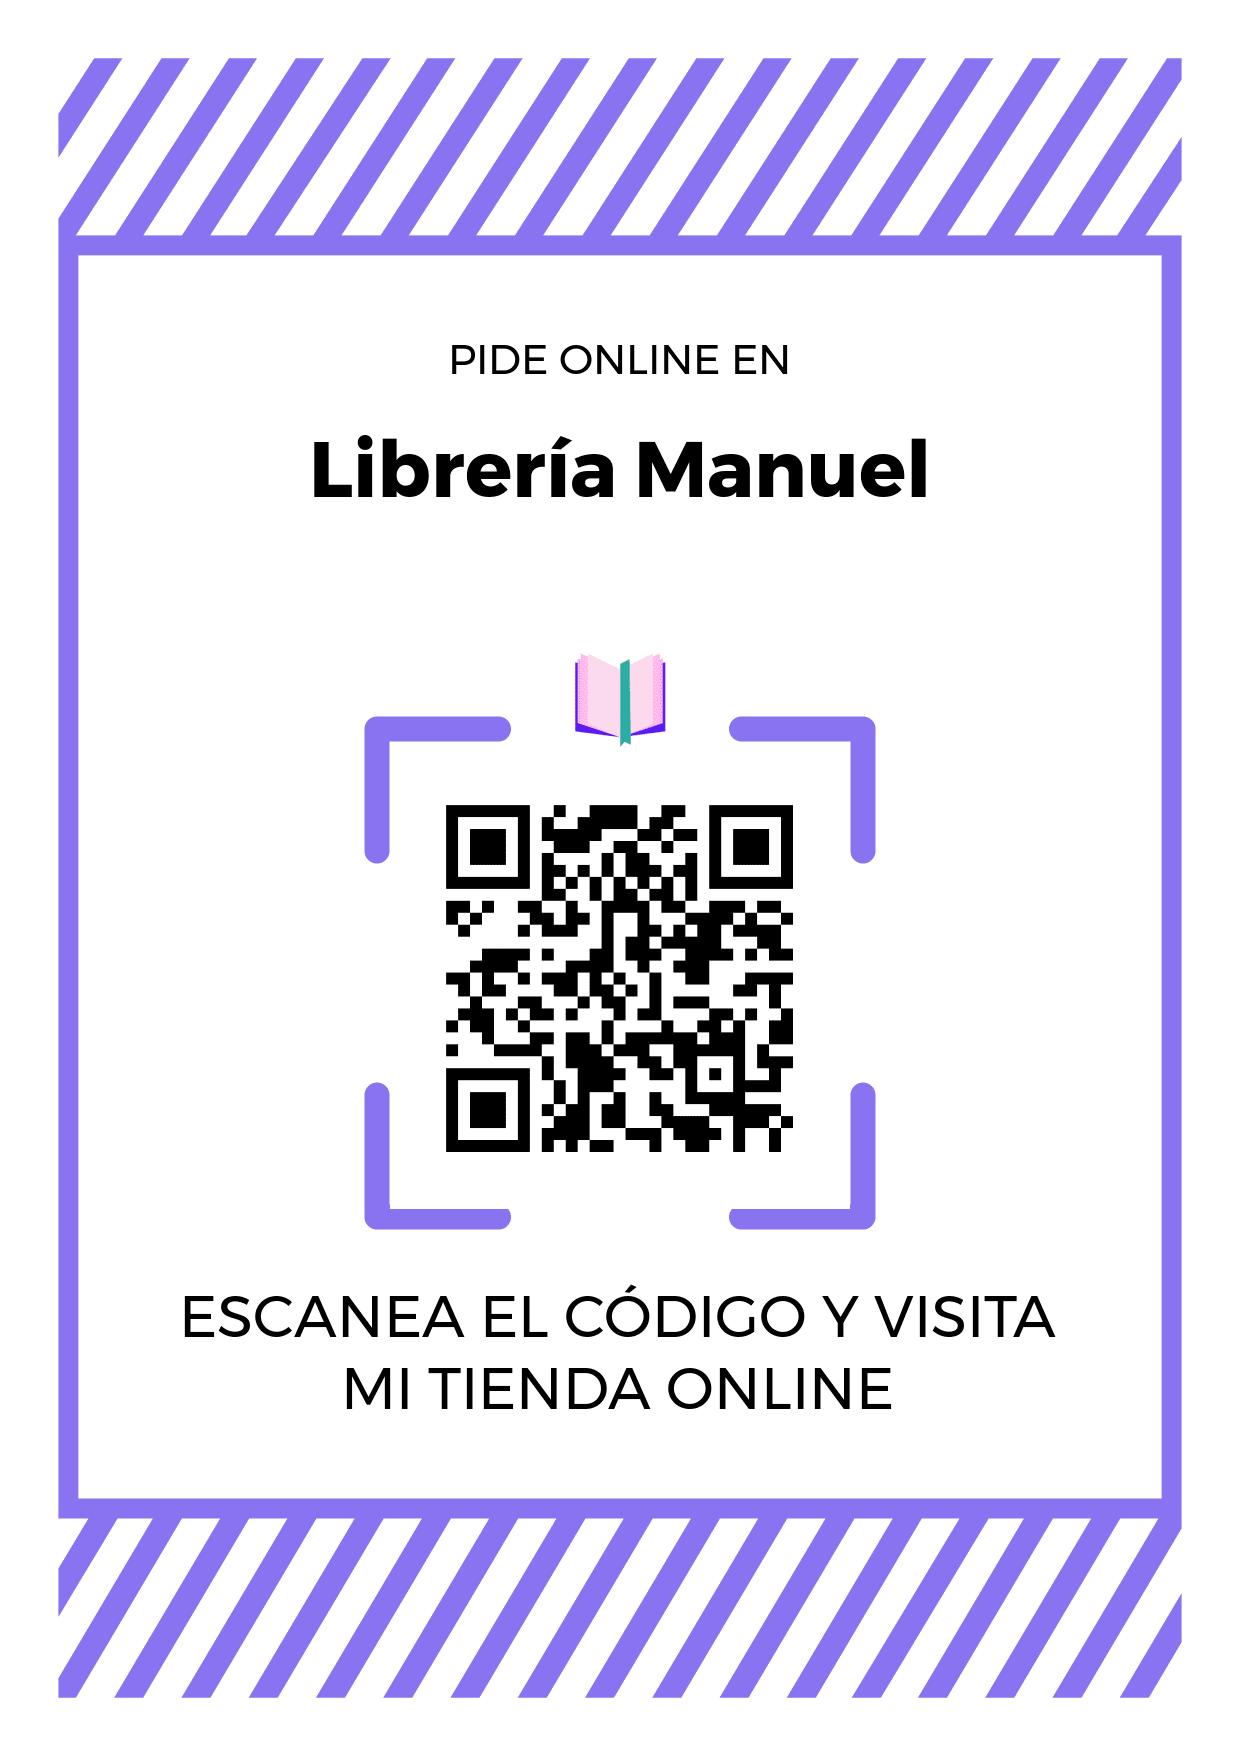 Cartel Póster de Código QR para tienda de Librería